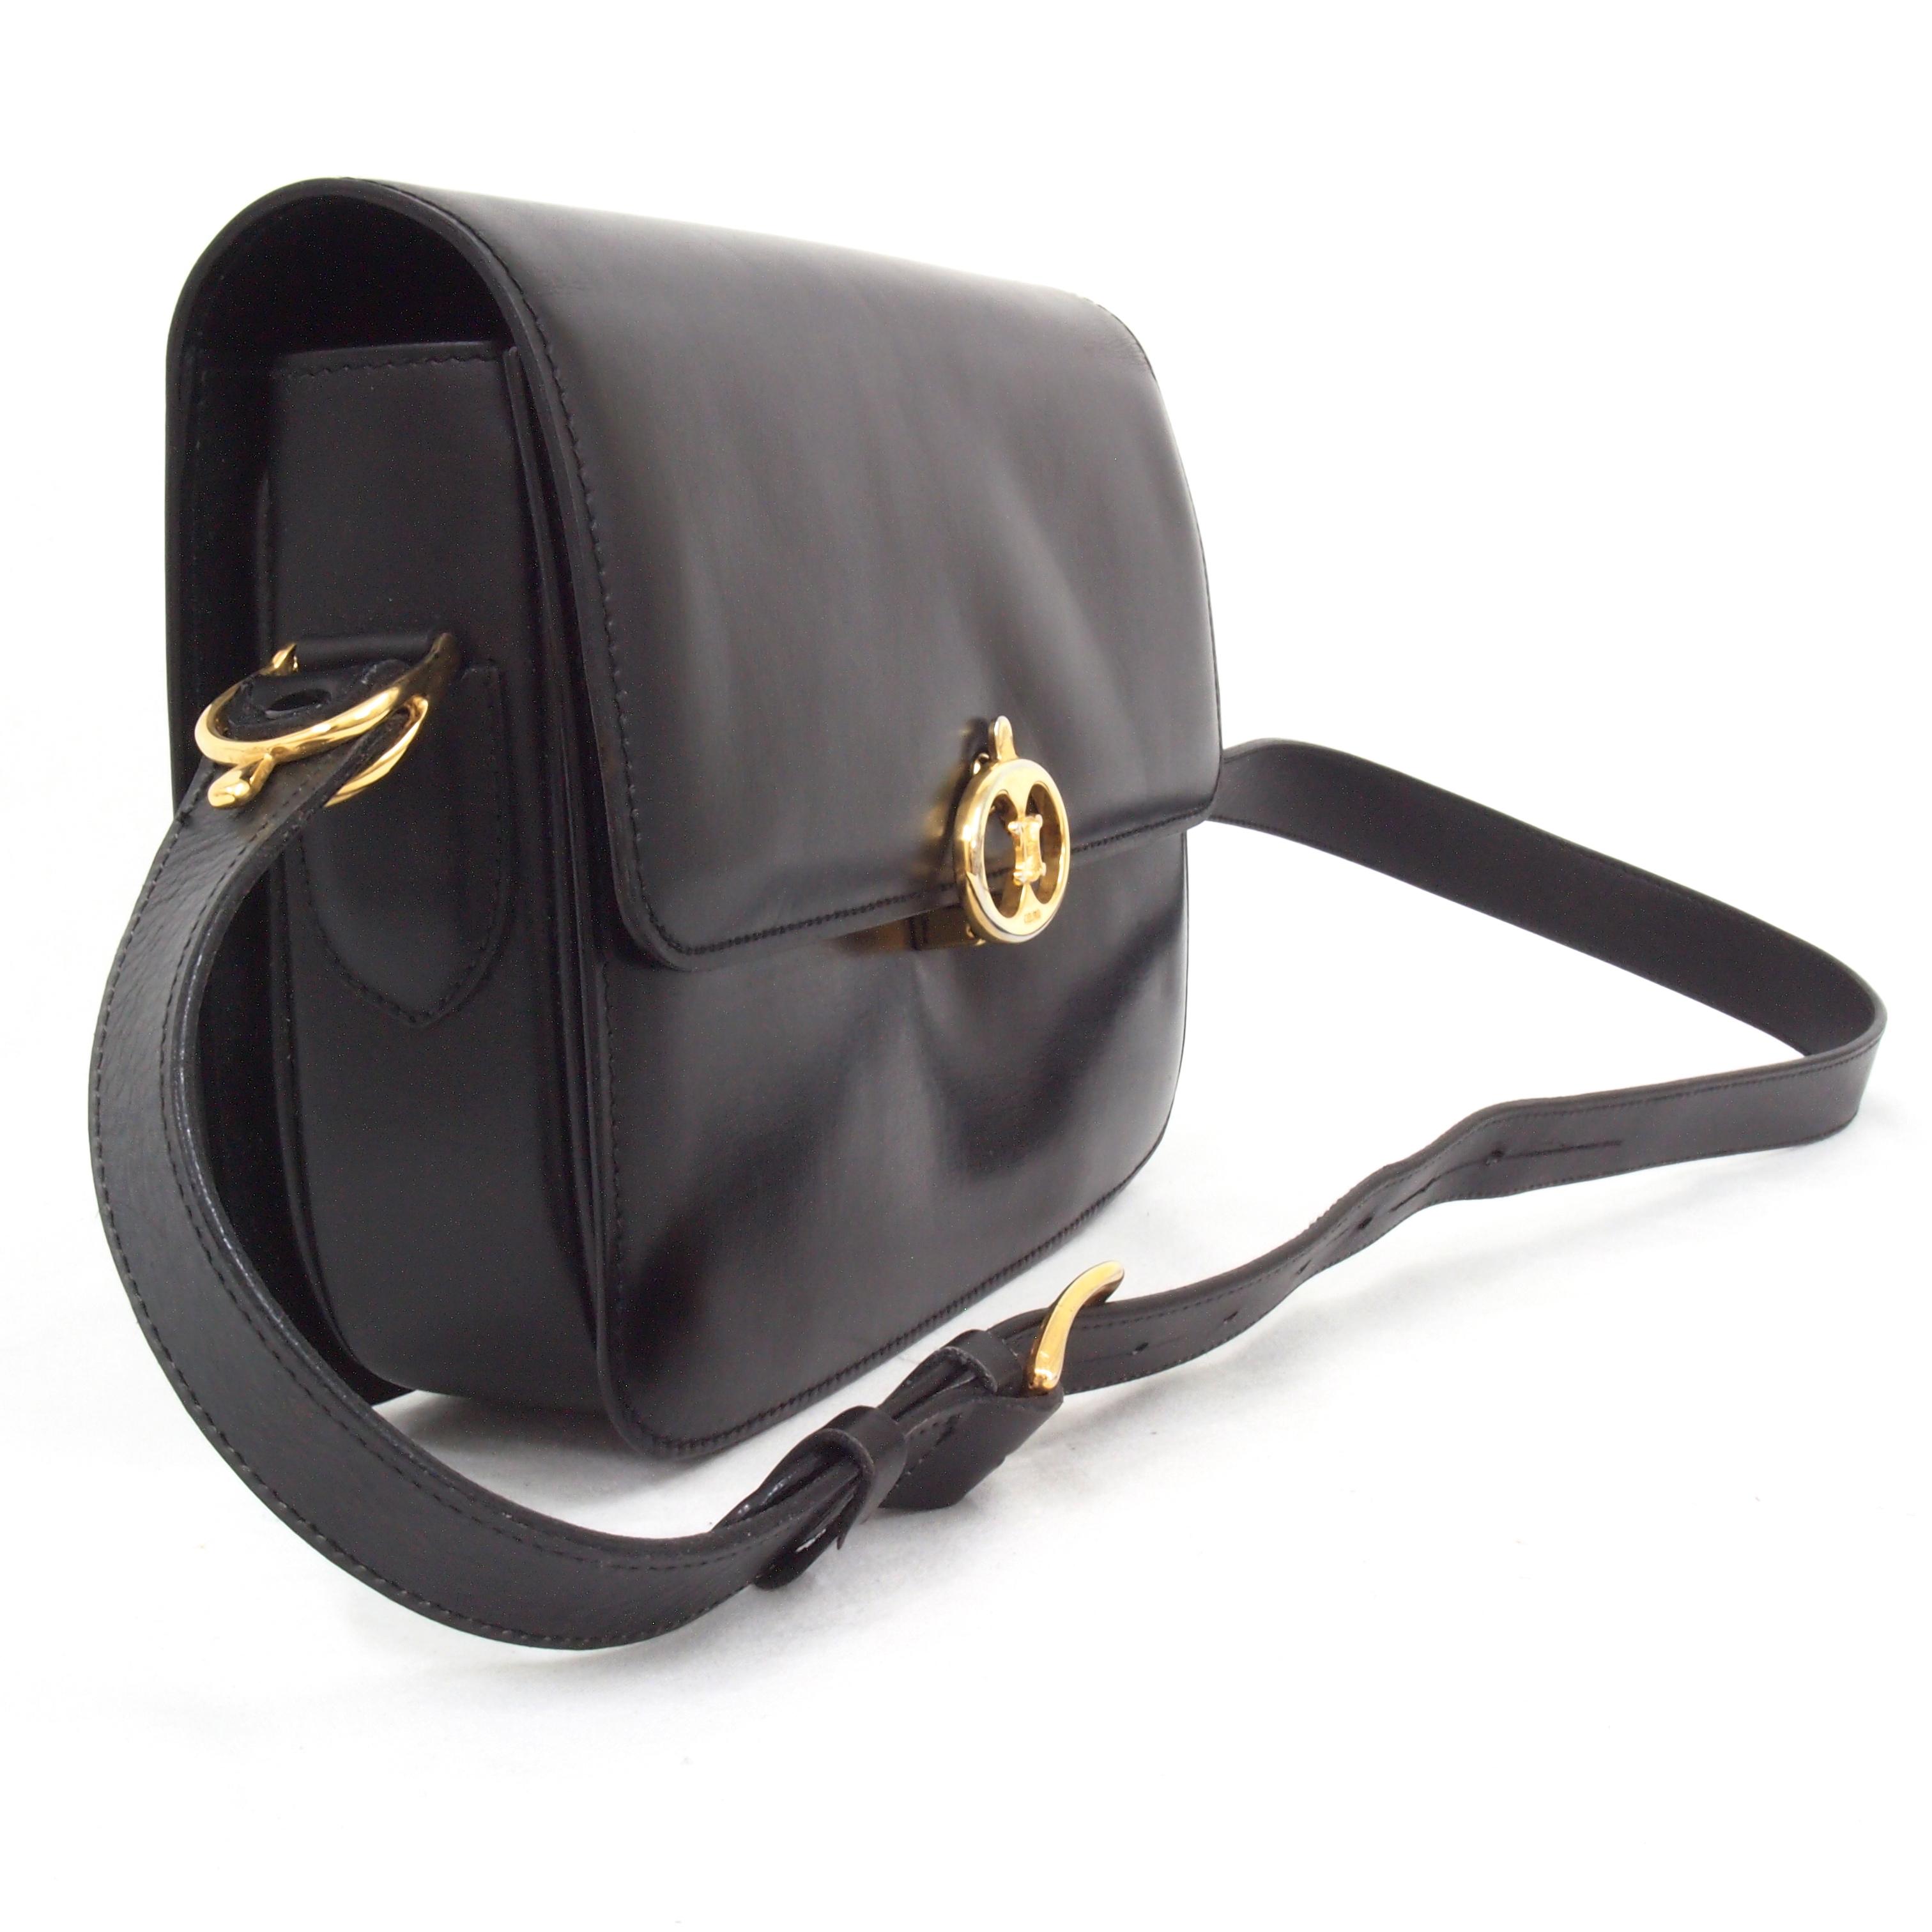 Vintage Celine Black Leather Logo Buckle Flap Shoulder Bag Handbag ...